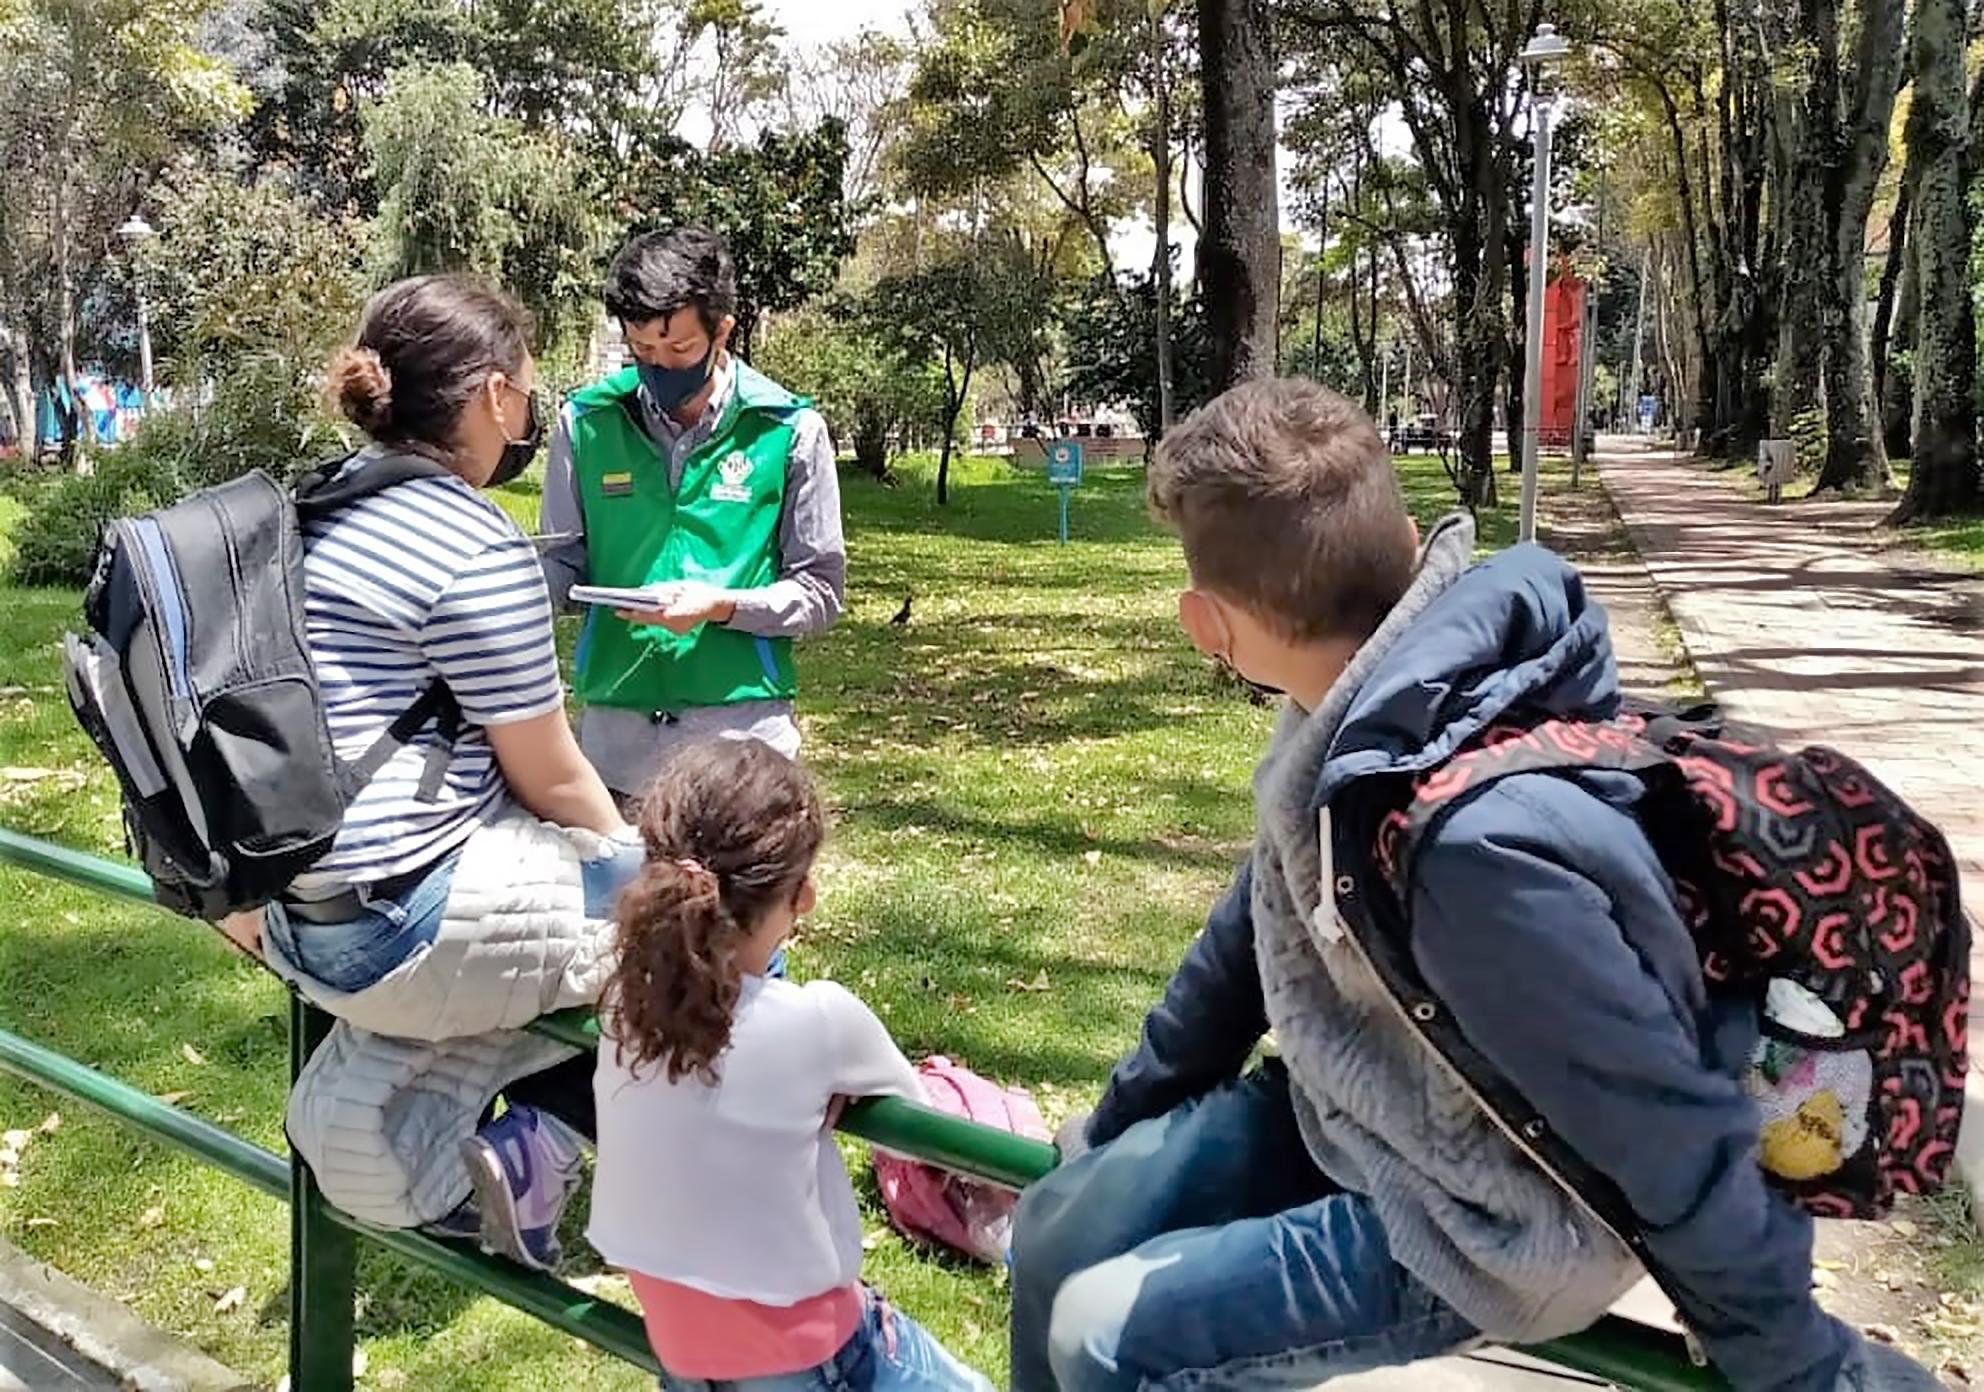 ICBF brinda atención integral a niñas, niños y adolescentes en situación de vida en calle en Bogotá